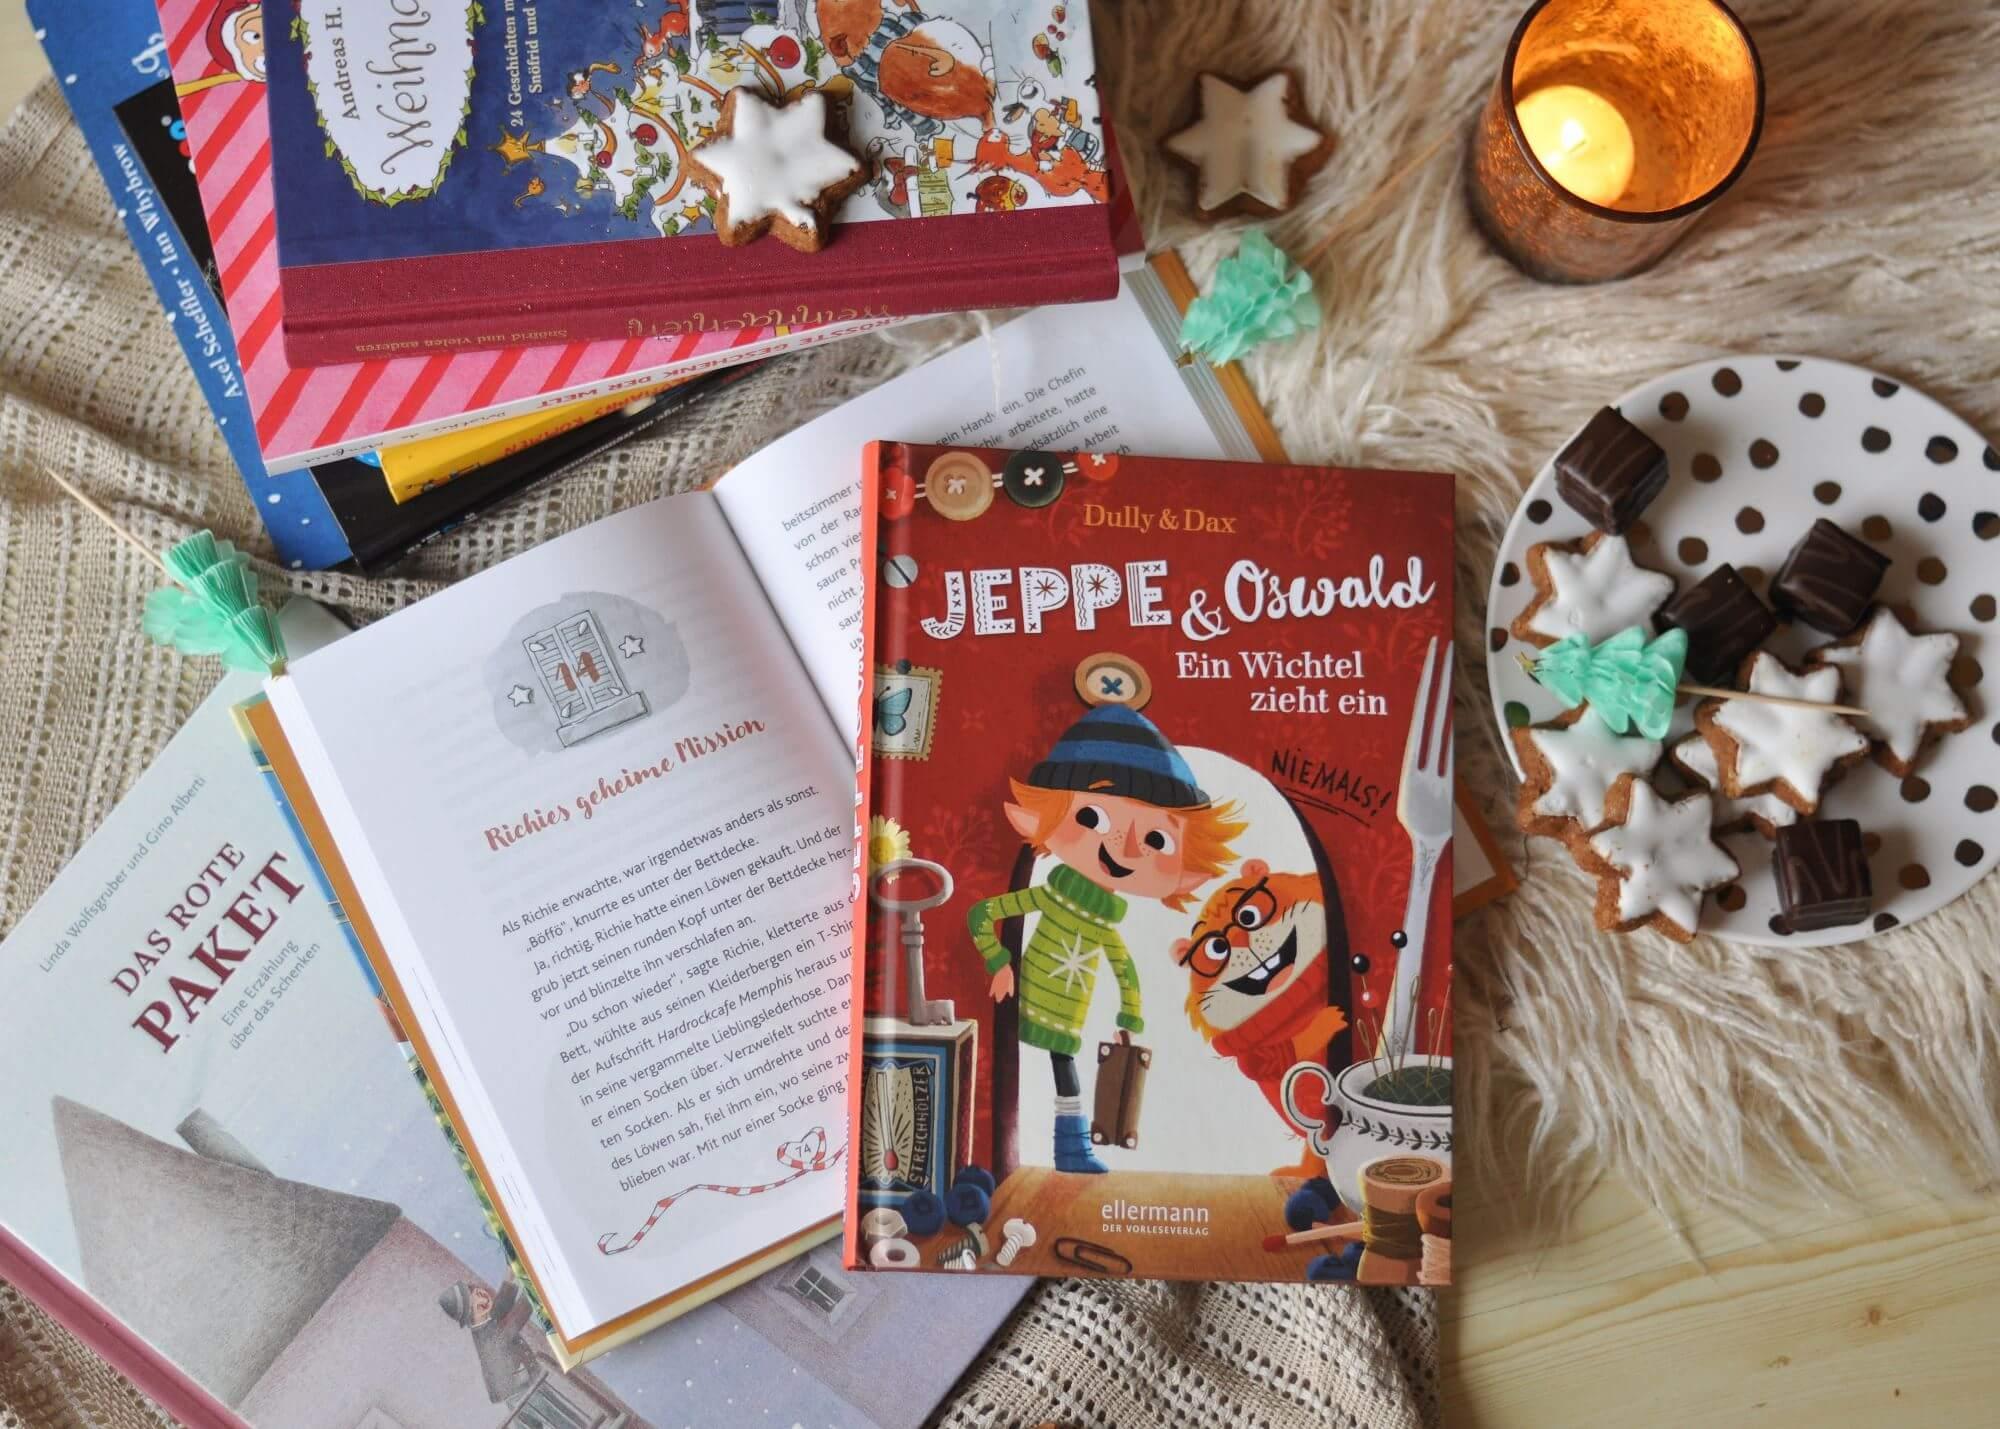 Weihnachten - Klassische und außergewöhnliche Bücher für die Weihnachtszeit für Kinder von 2 bis 8 Jahren #weihnachten #kinderbuch #lesen #vorlesen #advent